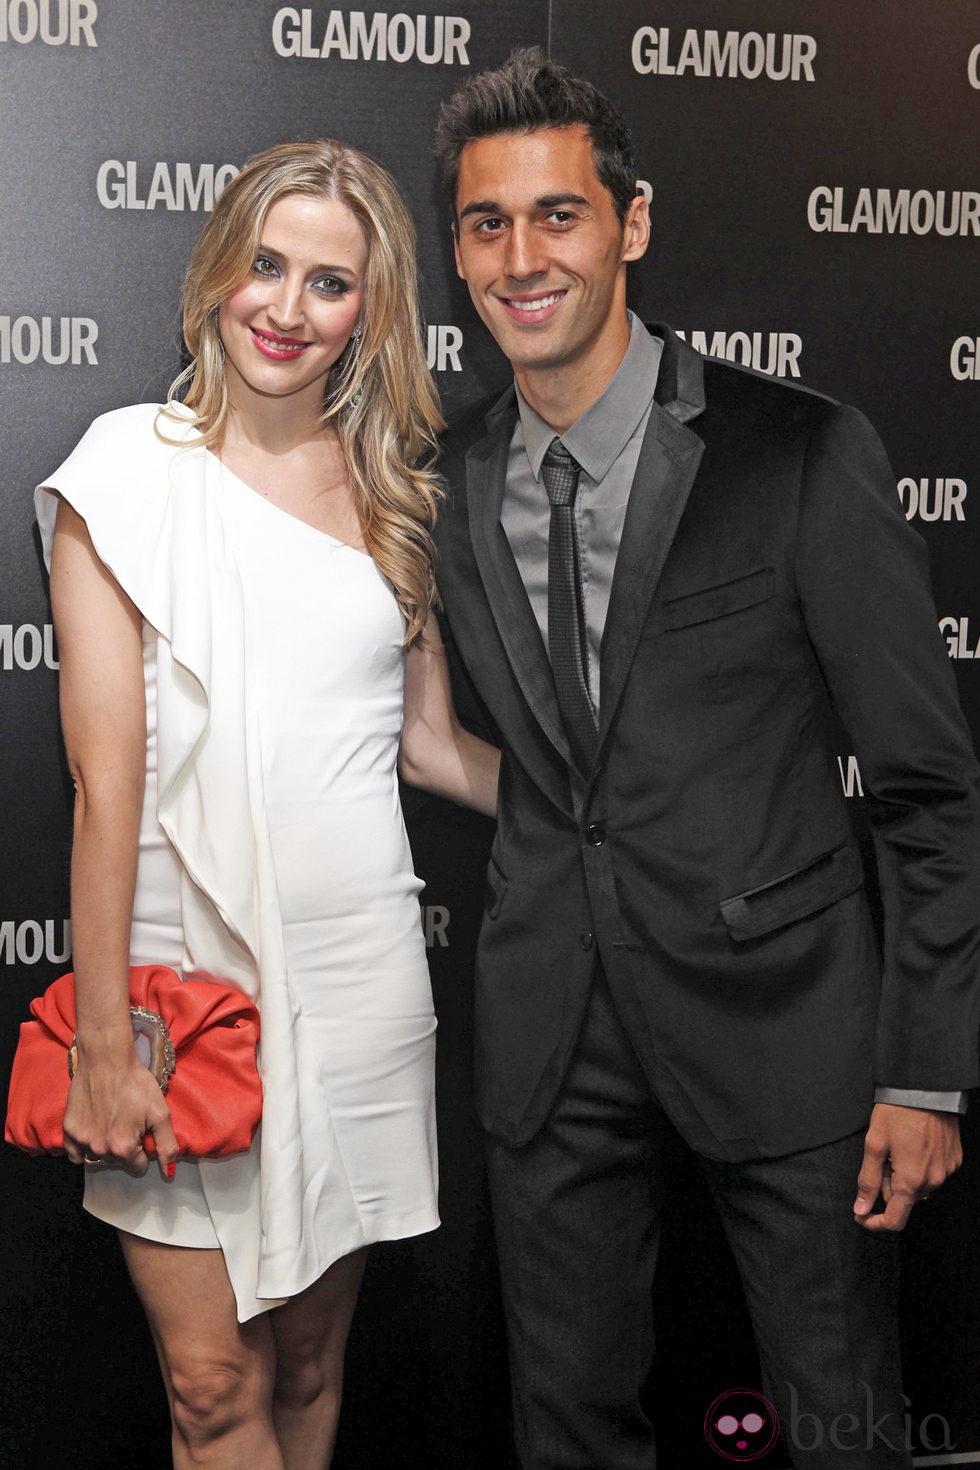 Álvaro Arbeloa y su novia en los Premios Glamour 2011